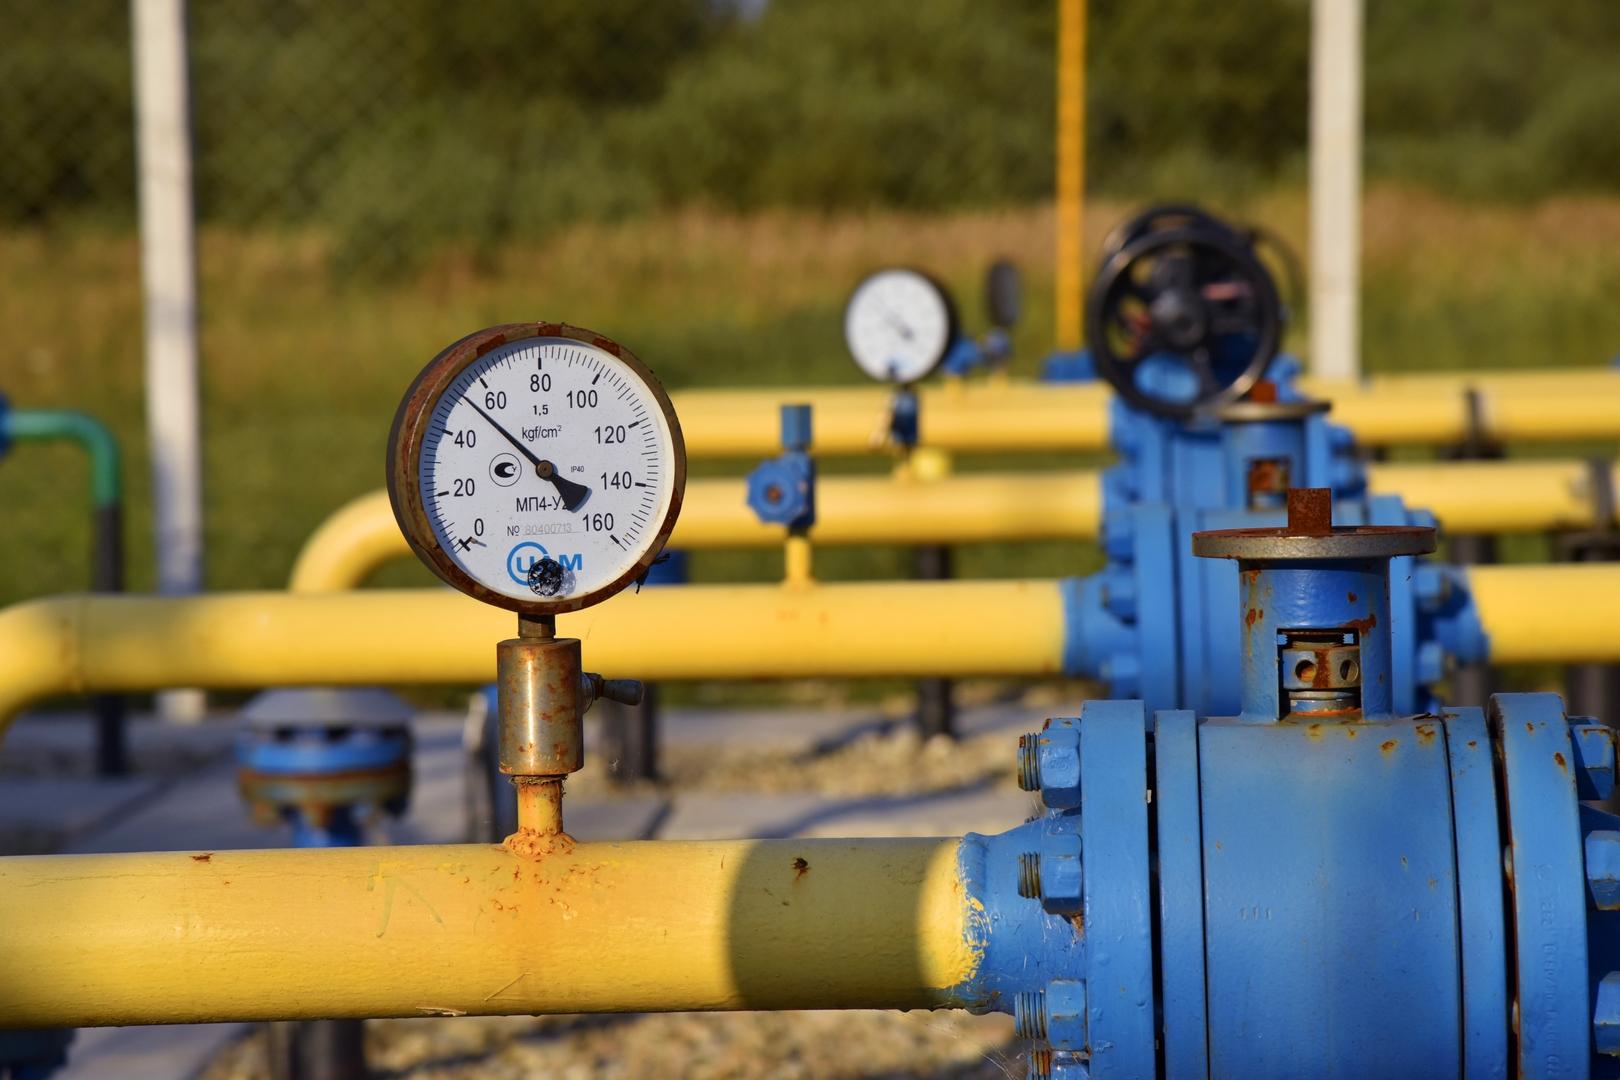 أذربيجان تخطط لزيادة إمدادات الغاز إلى تركيا وأوروبا